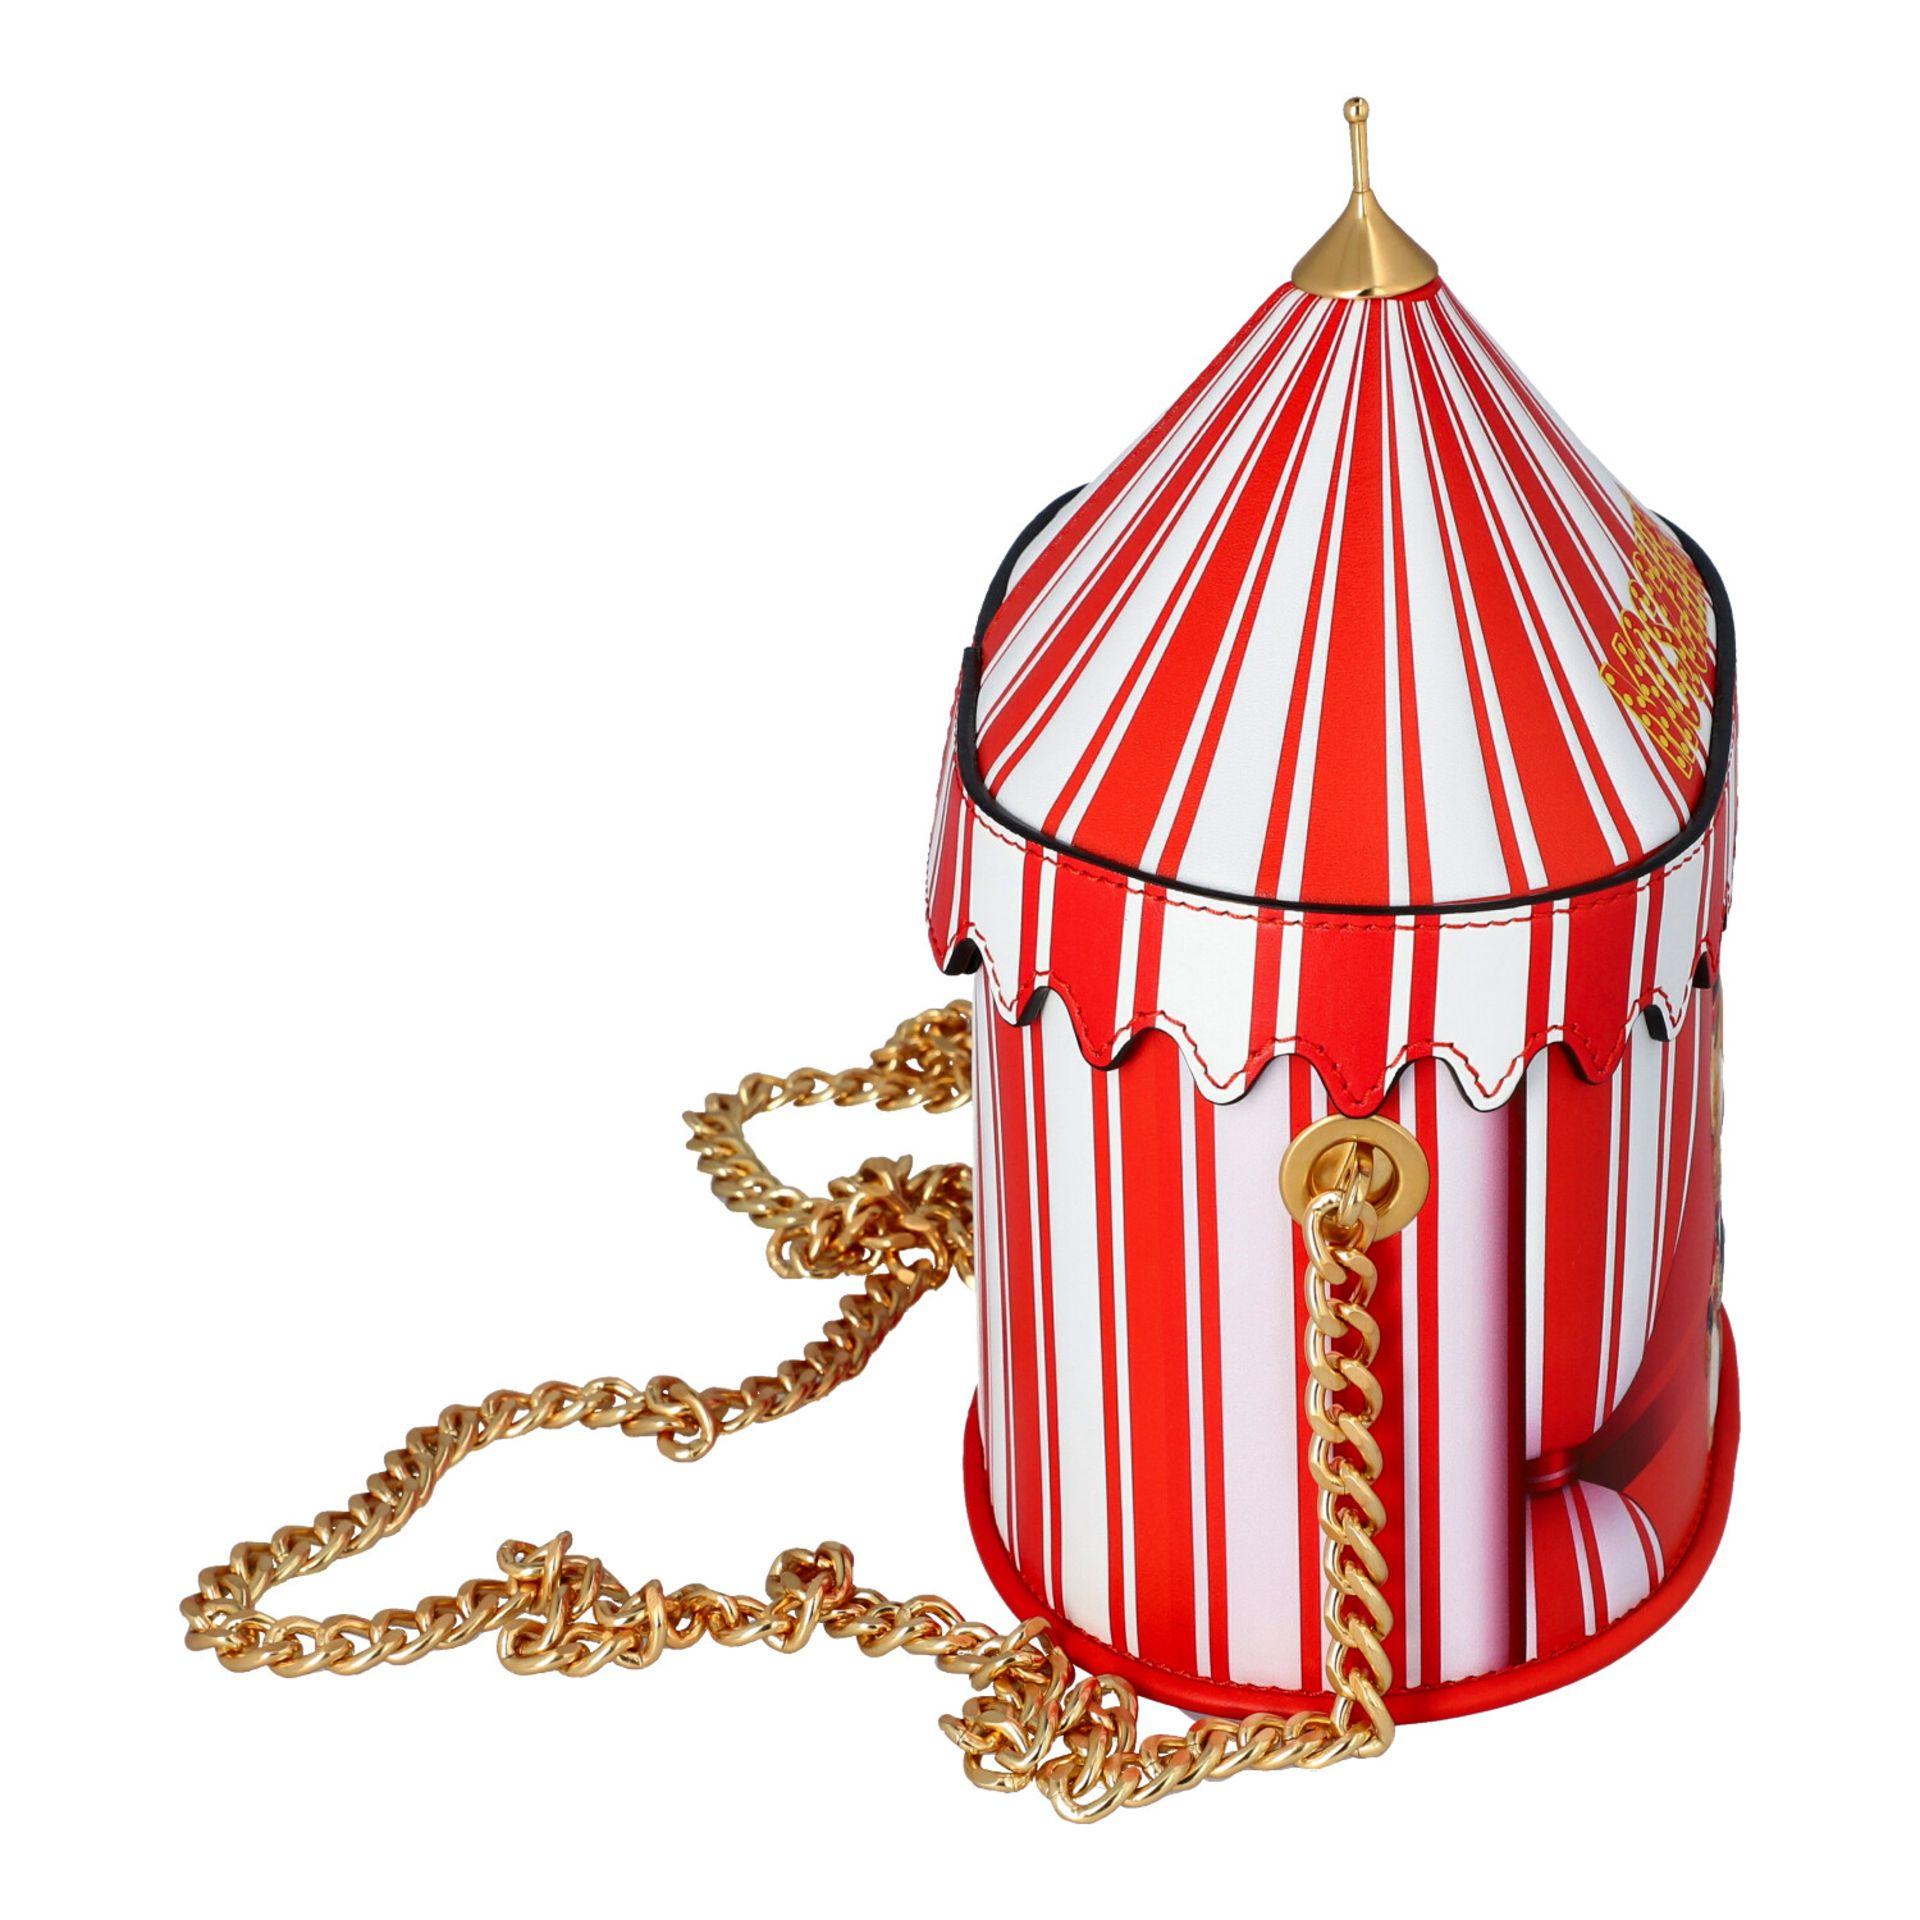 """MOSCHINO COUTURE Handtasche """"CIRCUS BAG"""", NP.: 1.100,-€. Kalbsleder in Zirkus-Zelt-D - Image 3 of 7"""